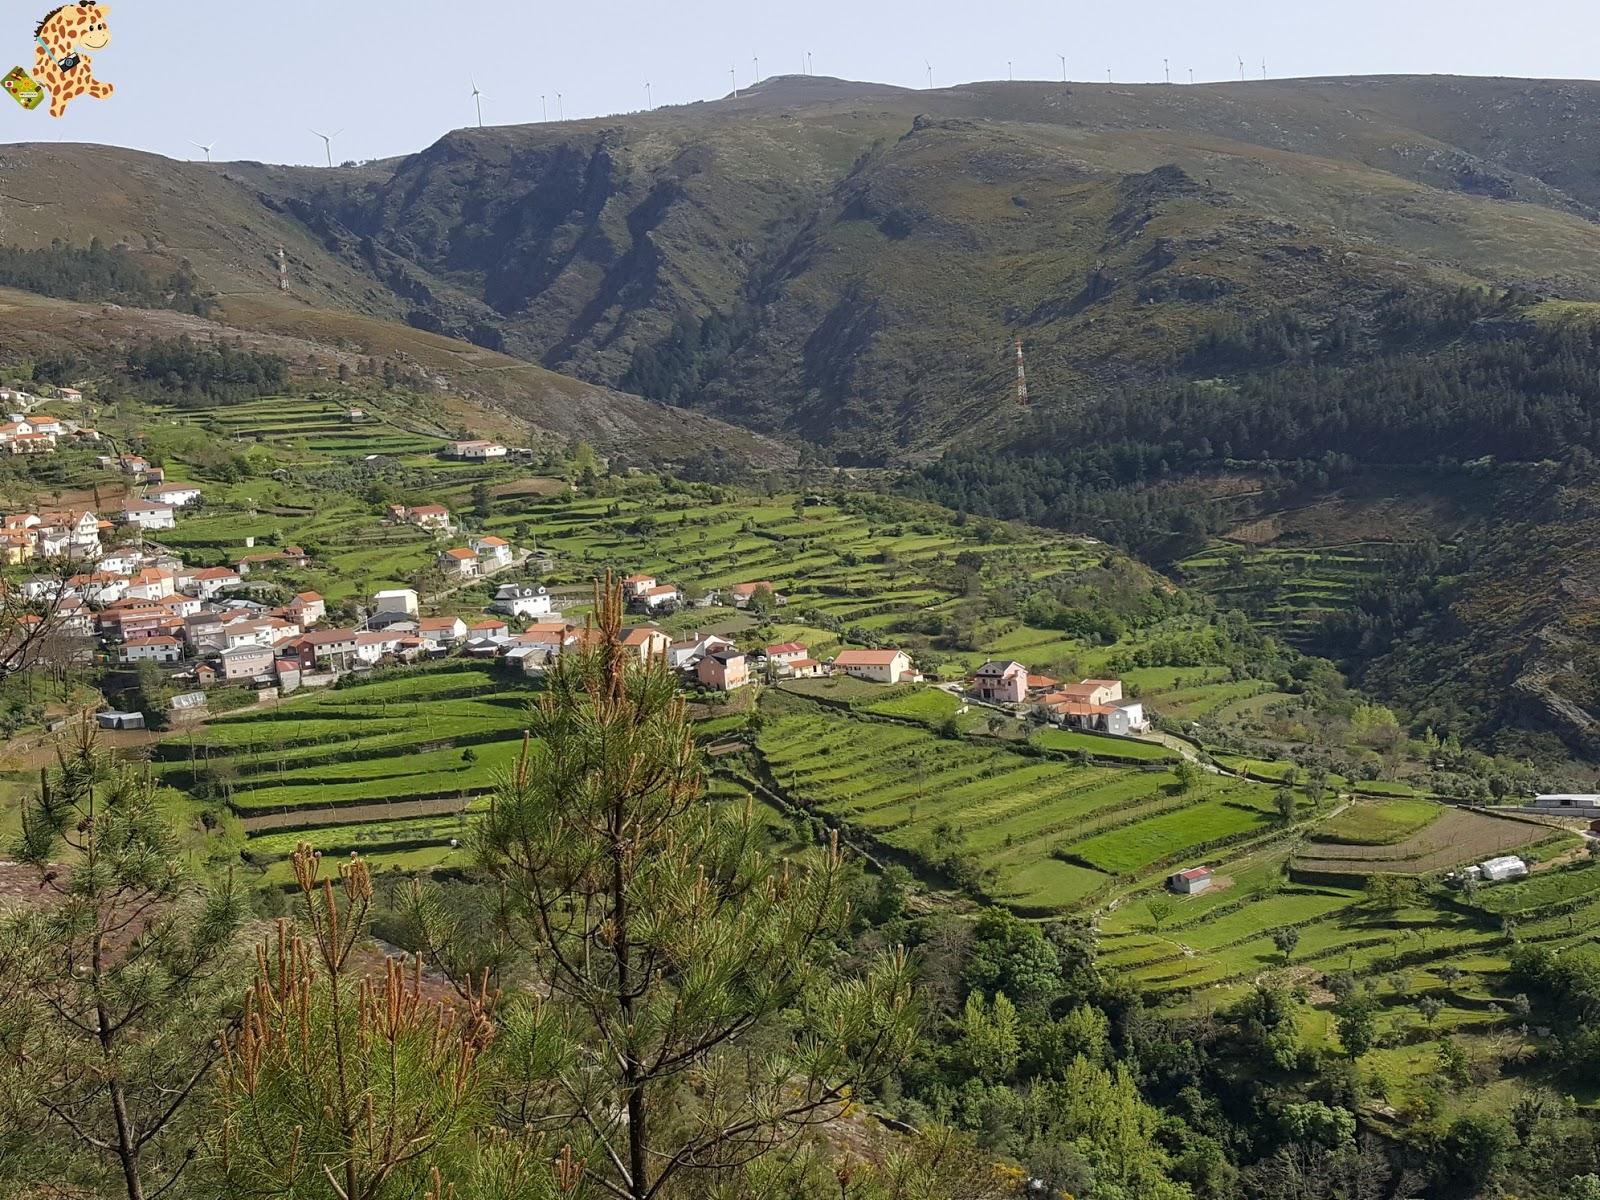 Vila Real: casa Mateus y Parque Natural do Alvao